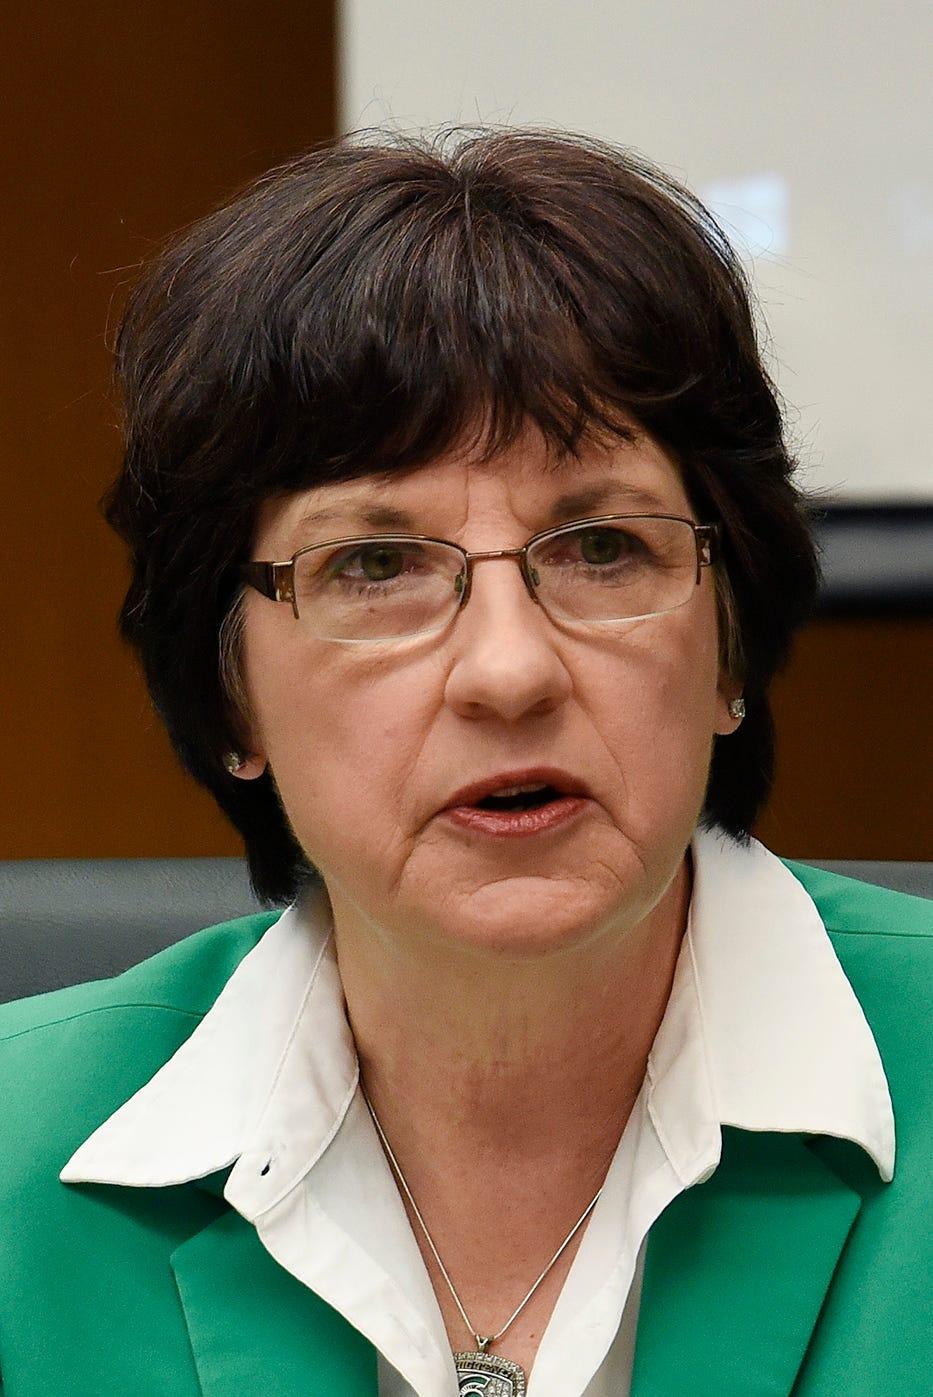 Dianne Byrum, MSU Board of Trustees MUG